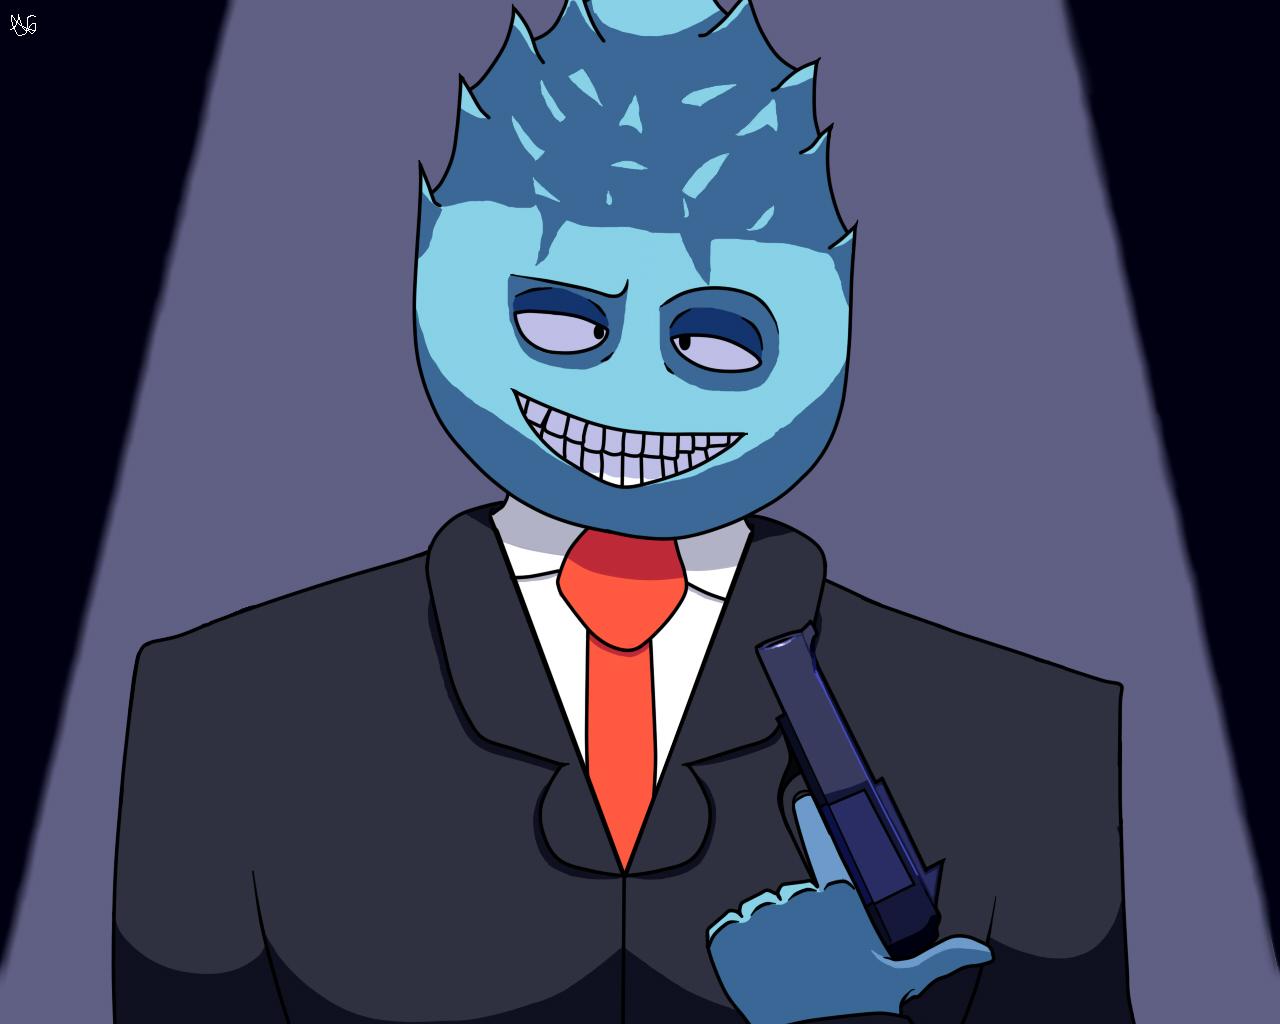 Mageneker mafioso.